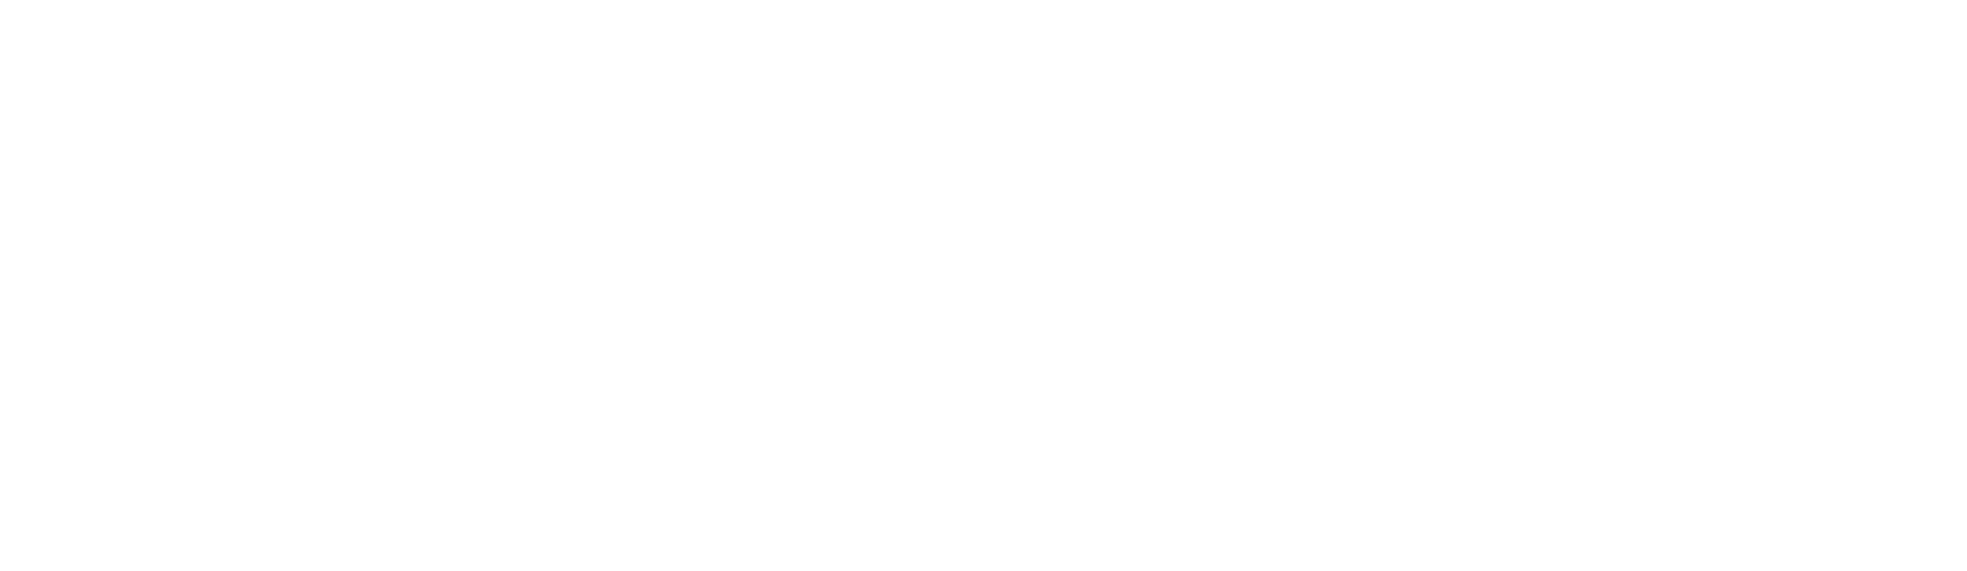 muhl_hor_2-line_reverse